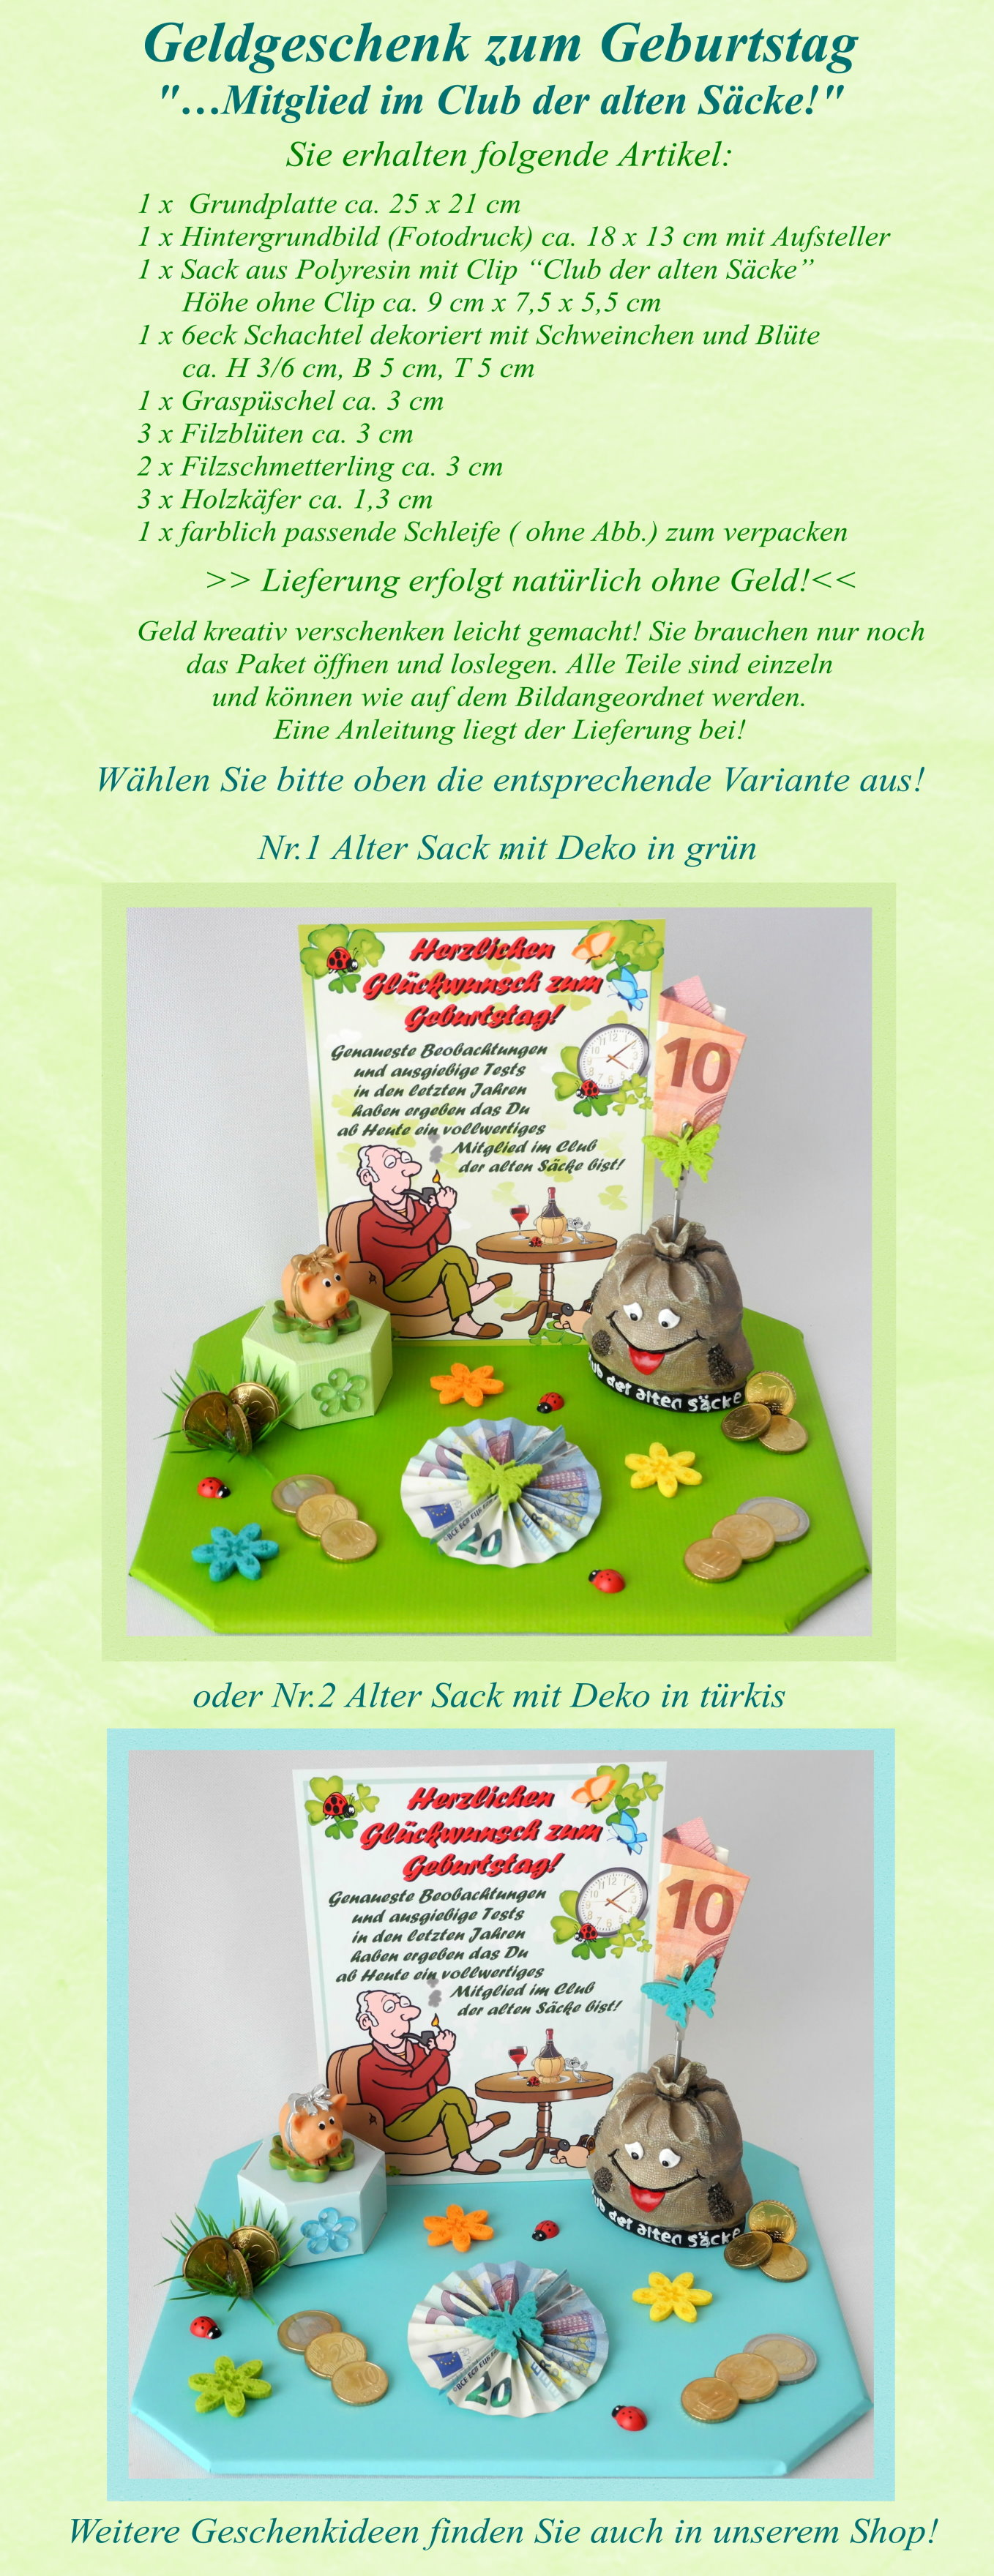 Geburtstag Alter Sack Gluckwunsch